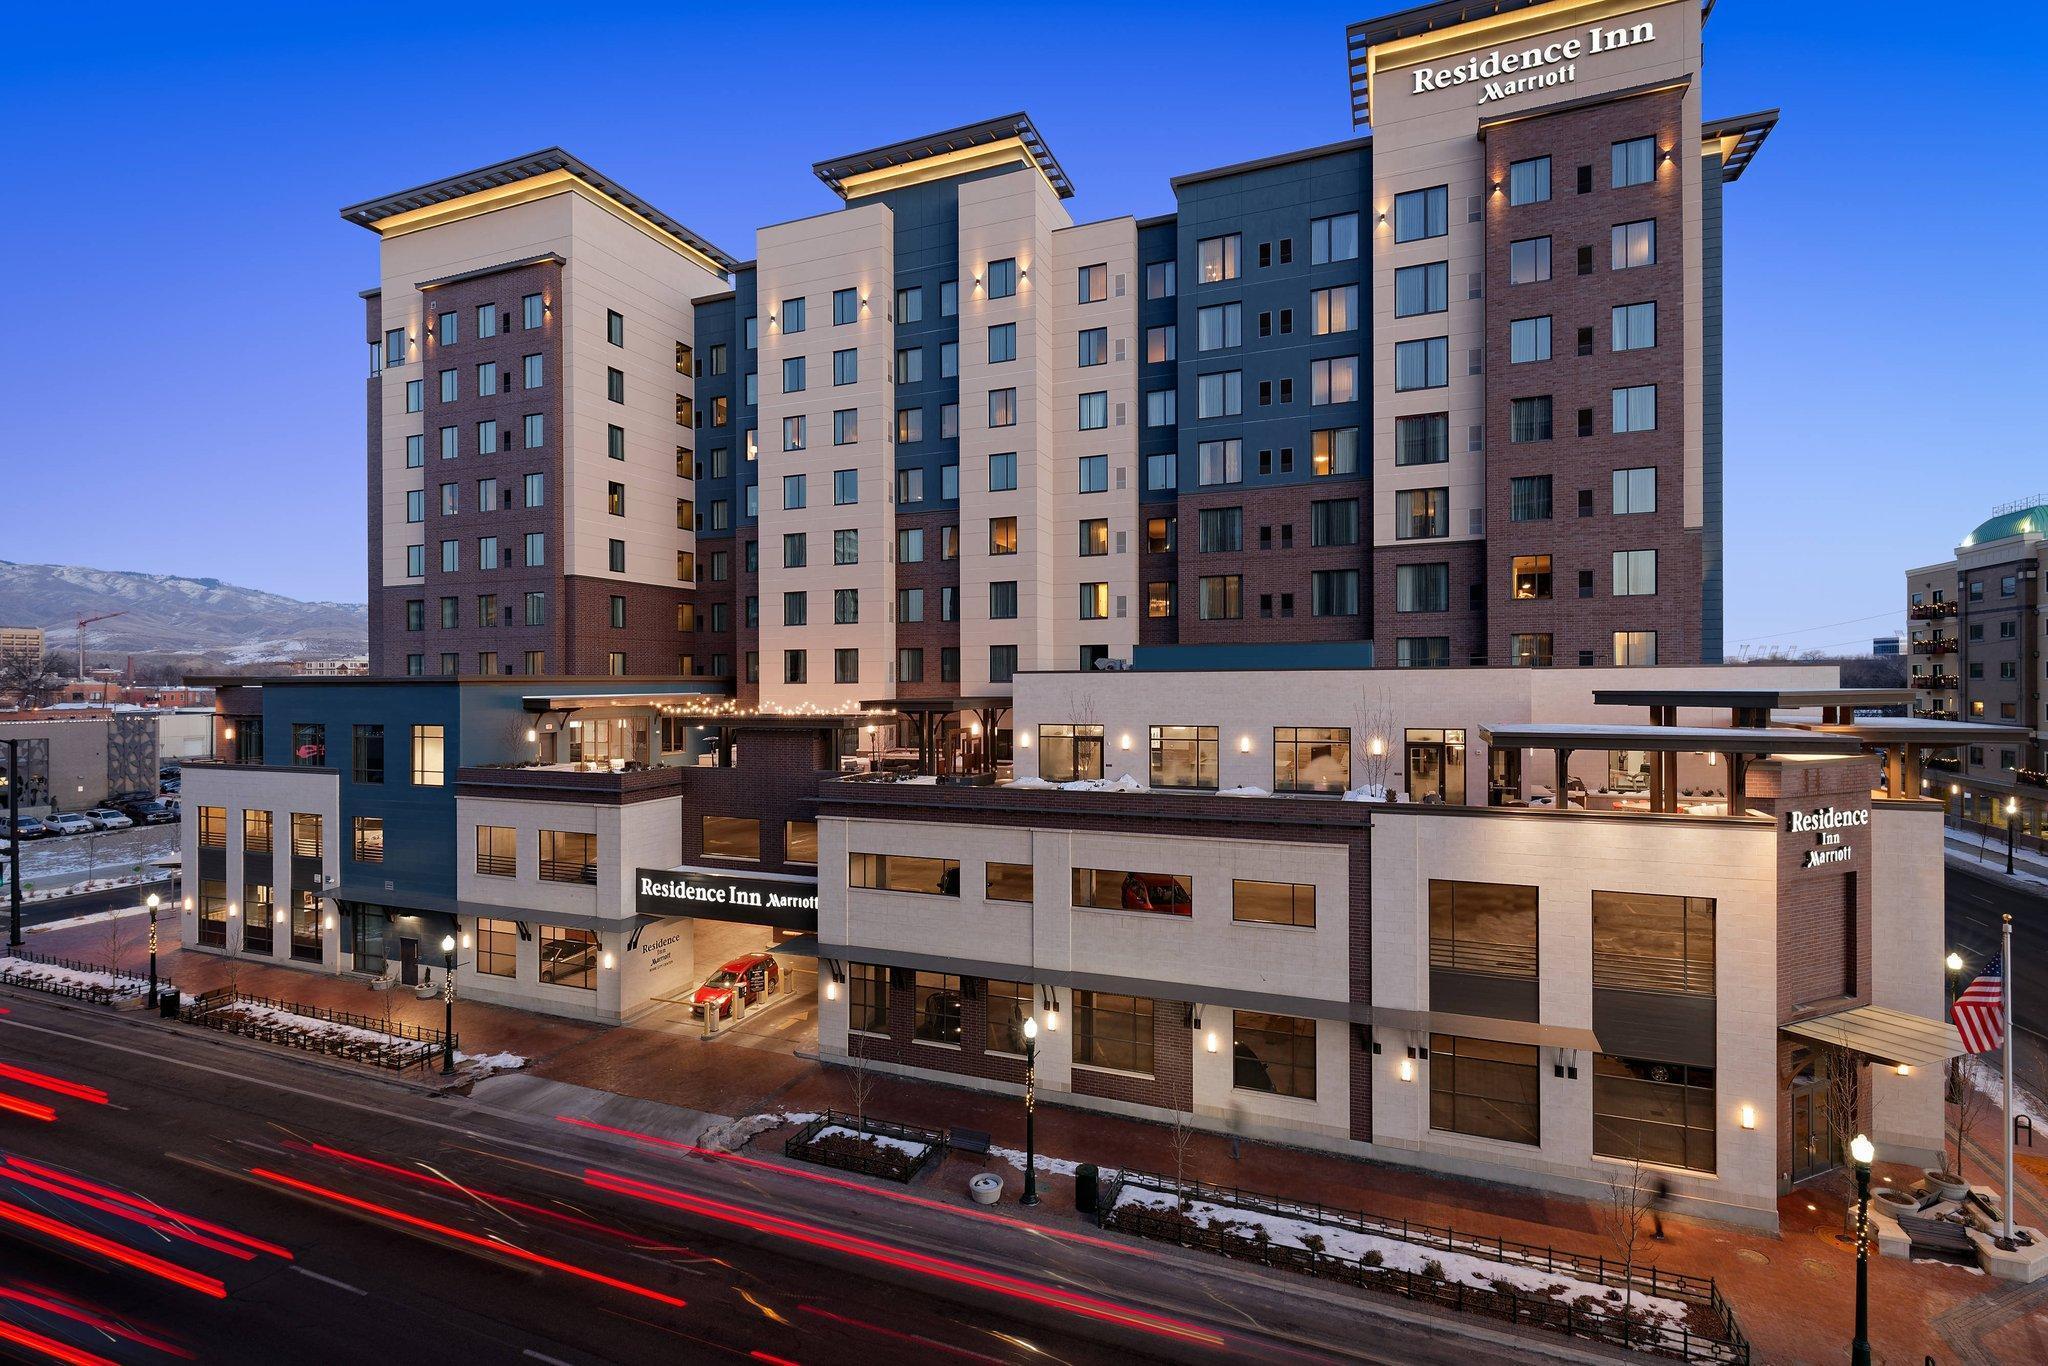 Residence Inn Boise Downtown City Center